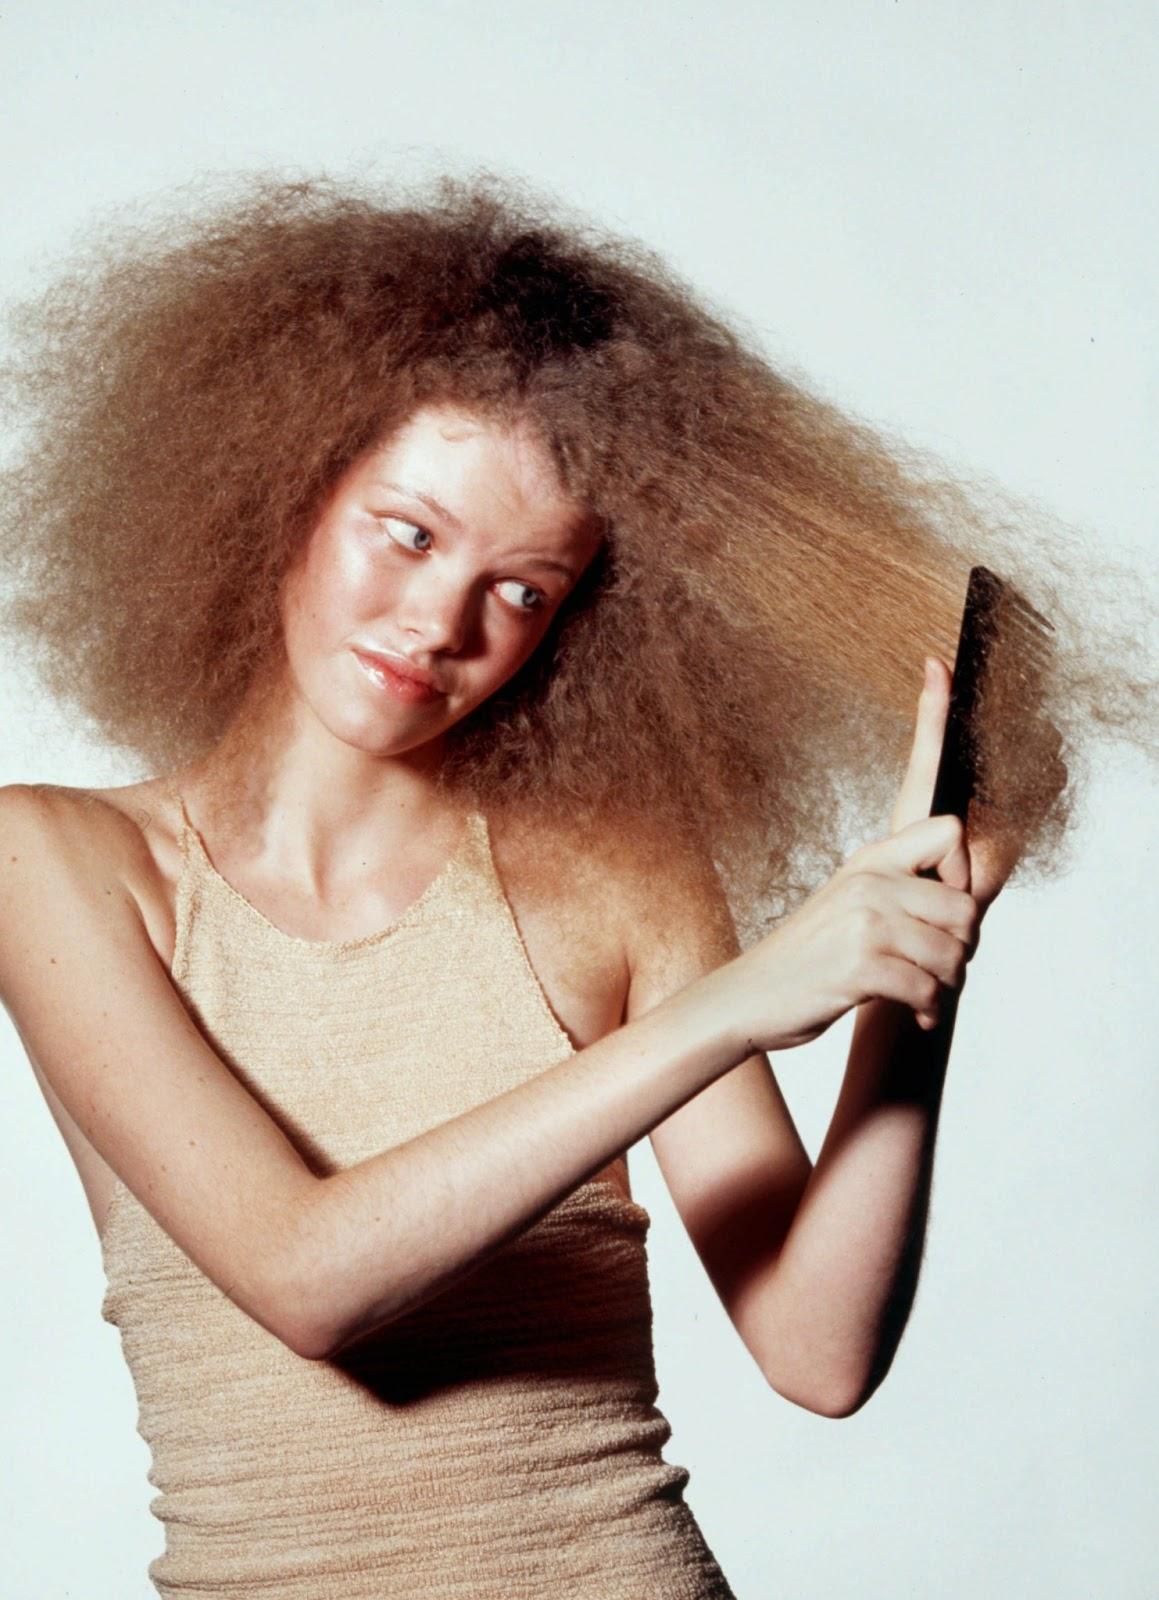 cheveux boucl s comment faire son propre produit d m lant. Black Bedroom Furniture Sets. Home Design Ideas